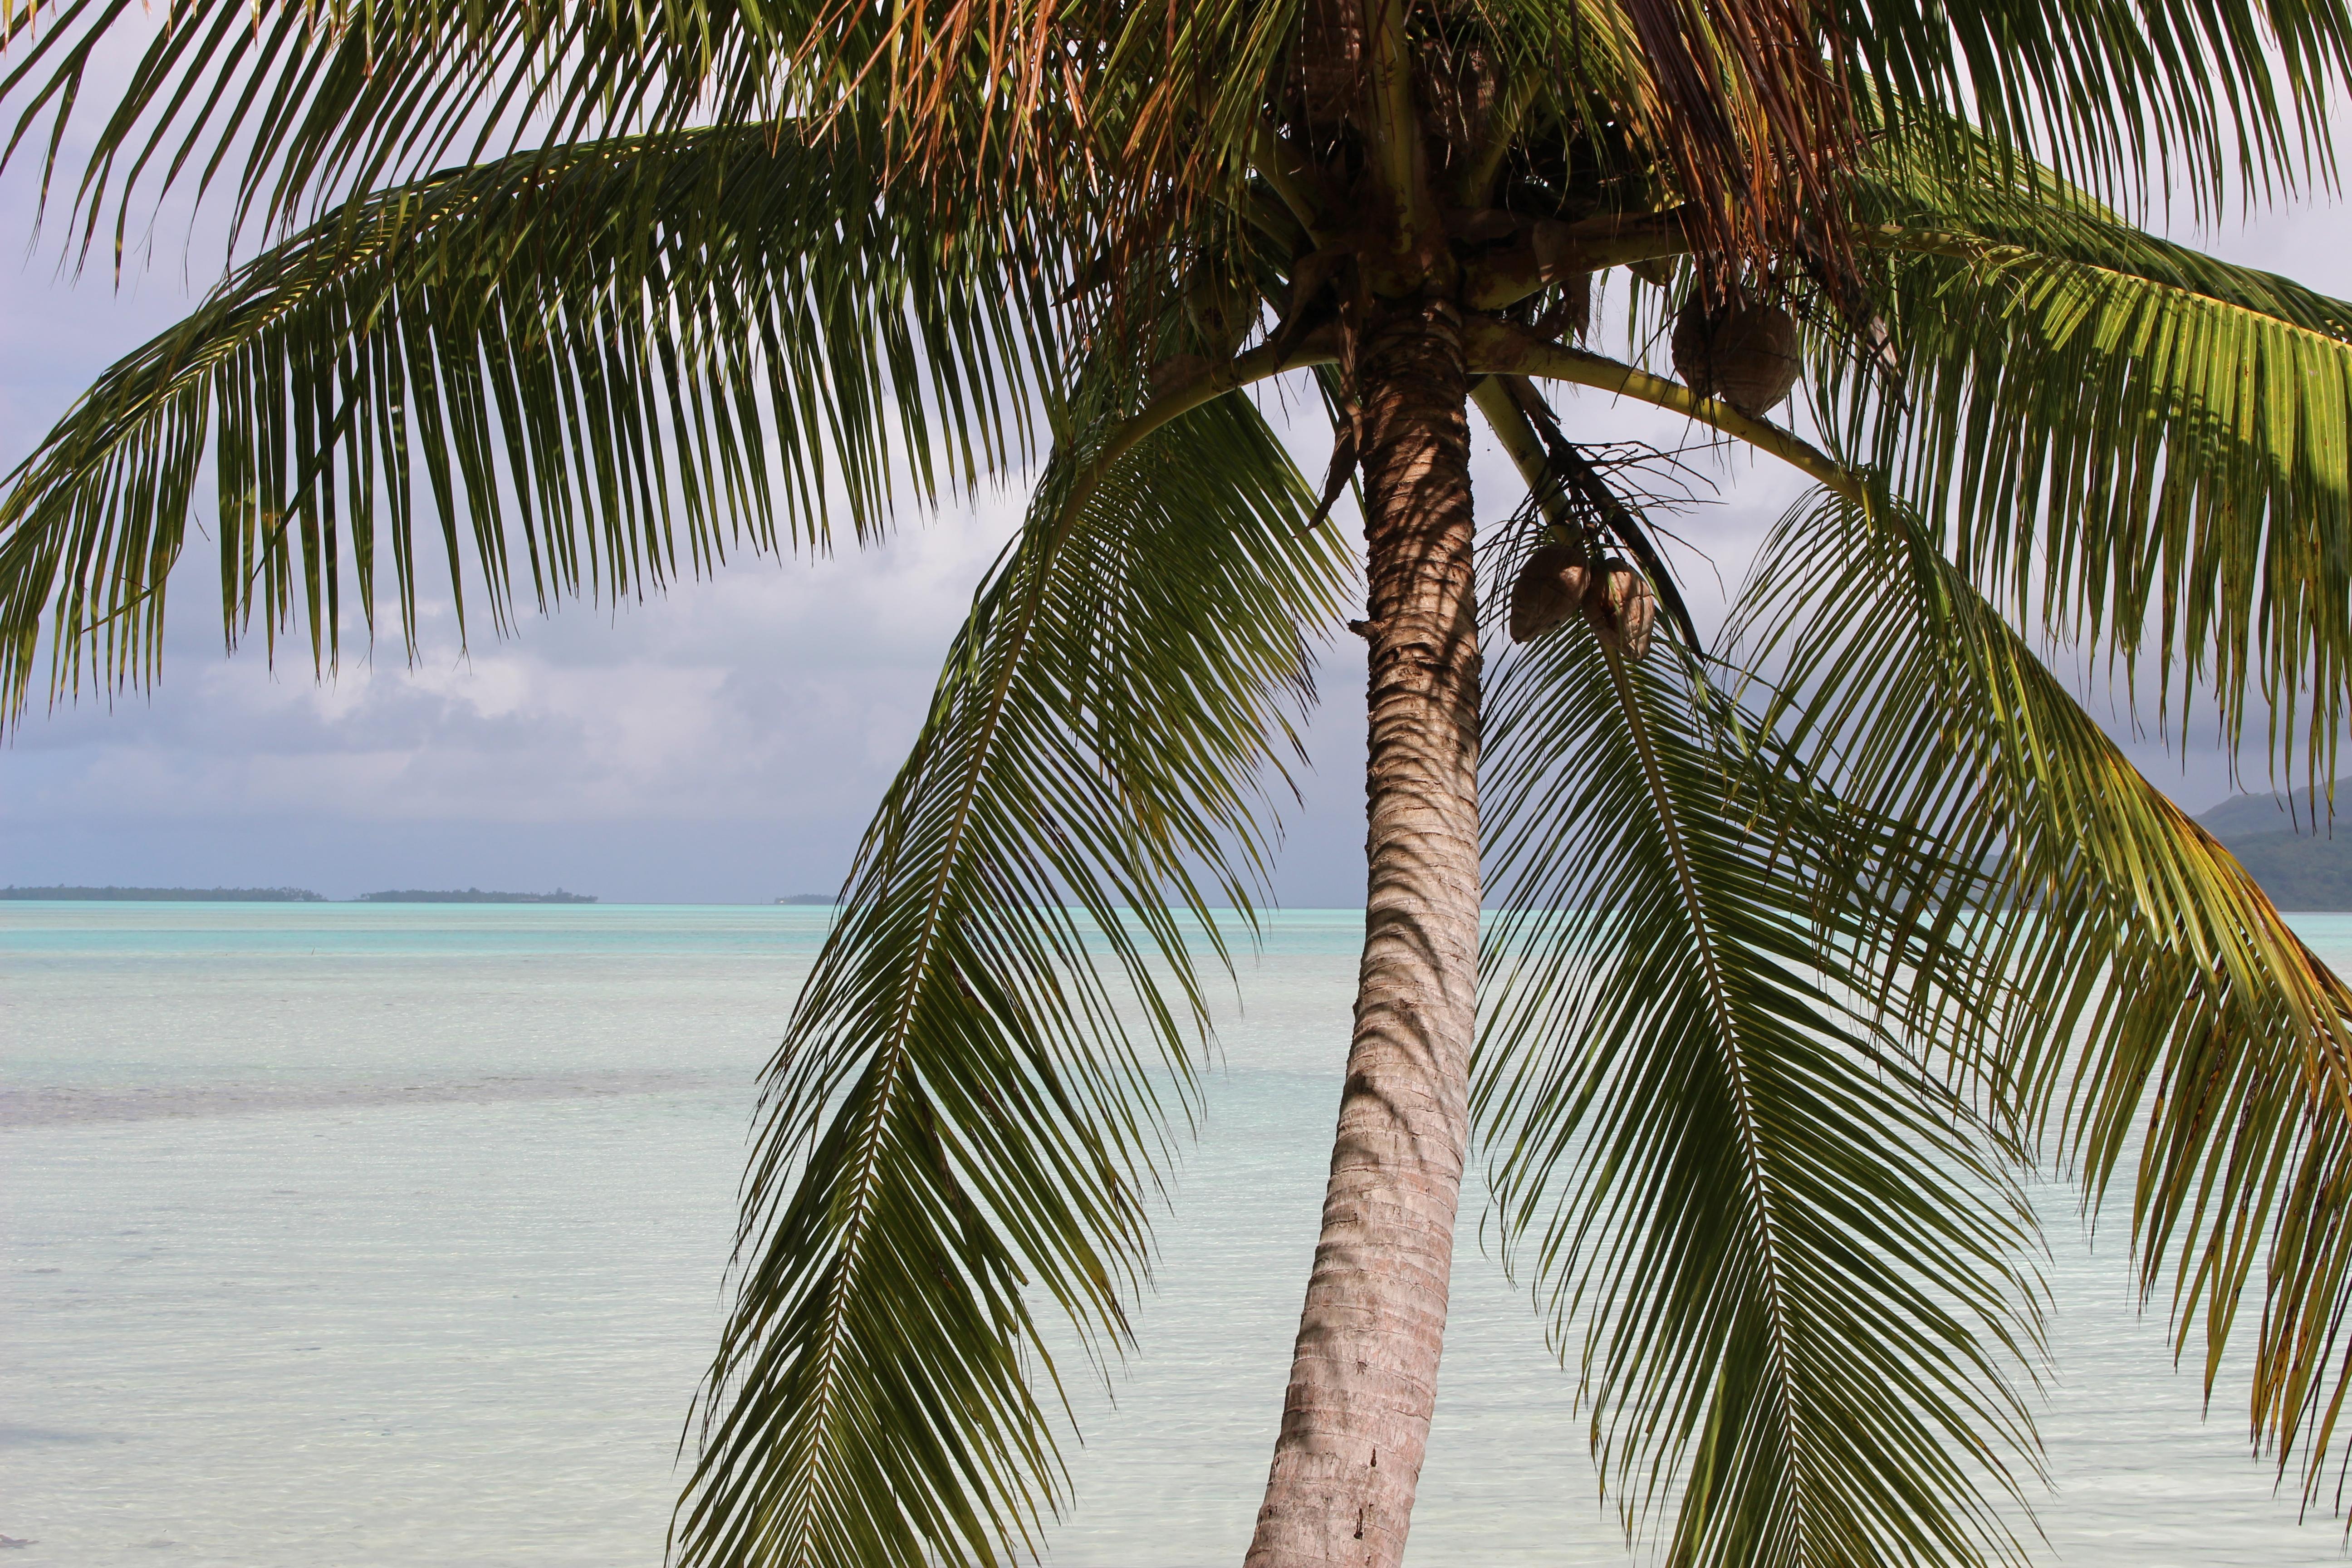 https://tahititourisme.ca/wp-content/uploads/2017/12/vooooyagesamarc-tahiti-2015-ml-14.jpg